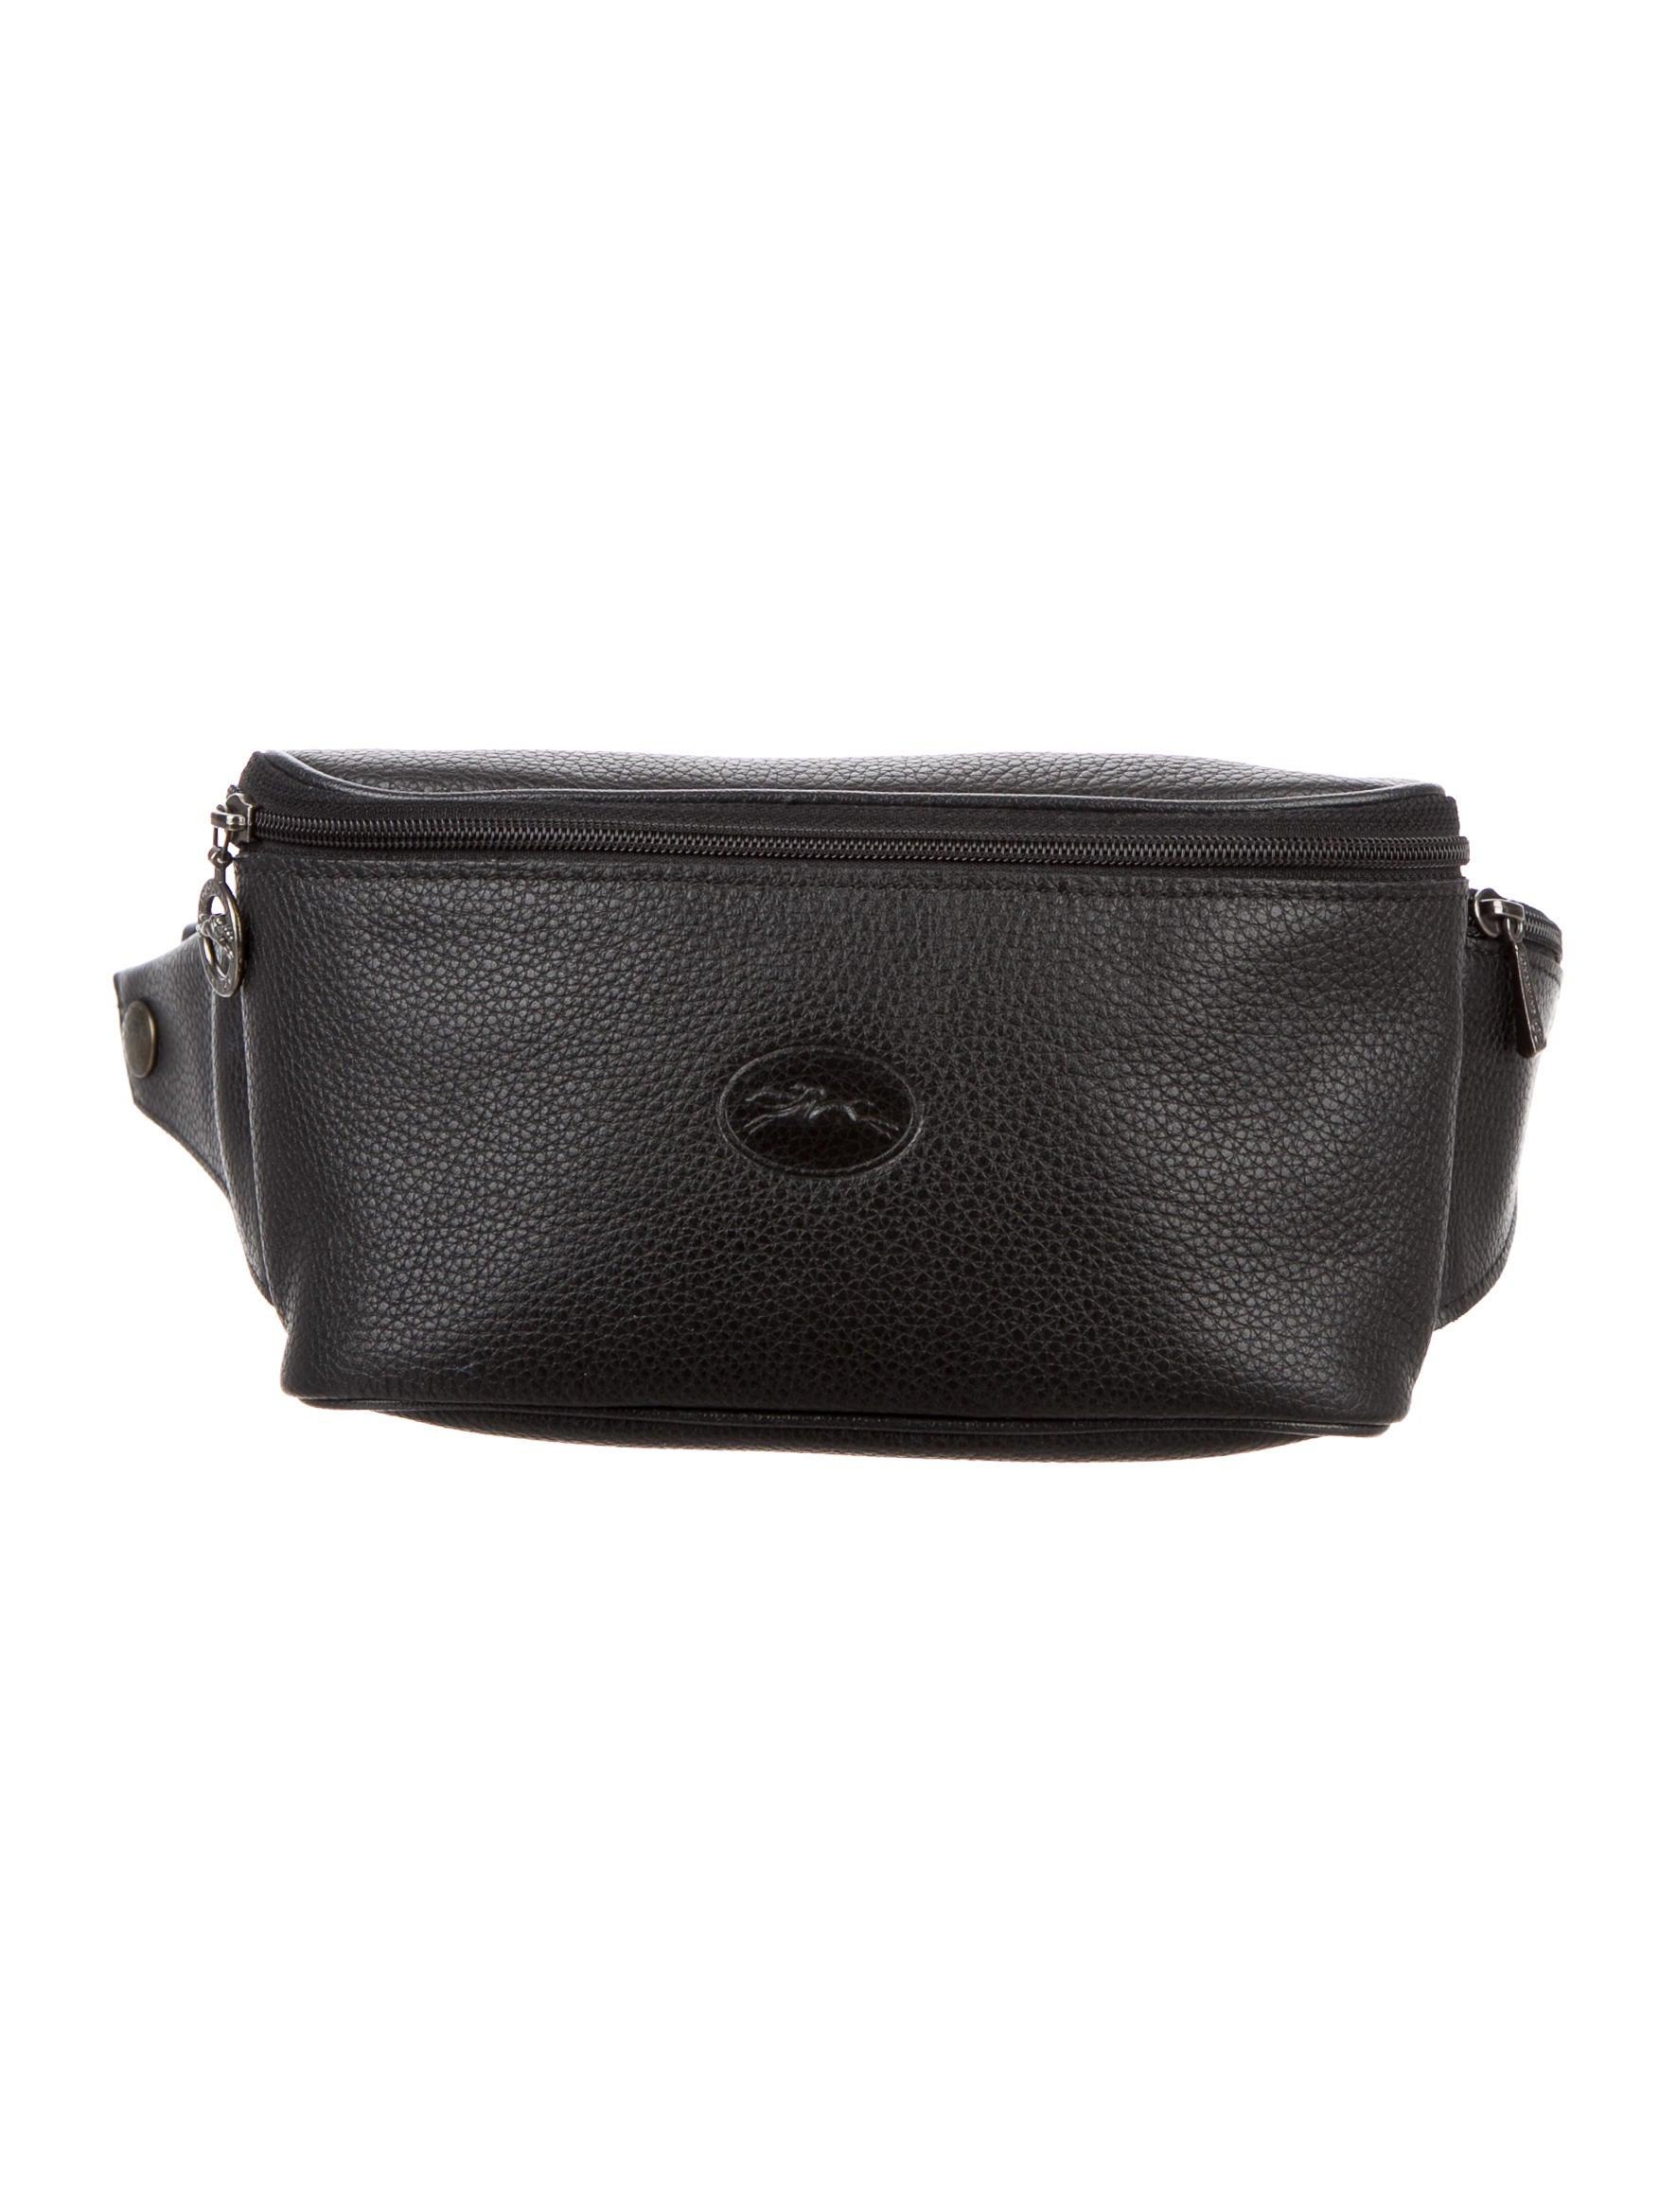 26c30f2967 Longchamp Le Foulonne Waist Belt Pouch - Handbags - WL820375